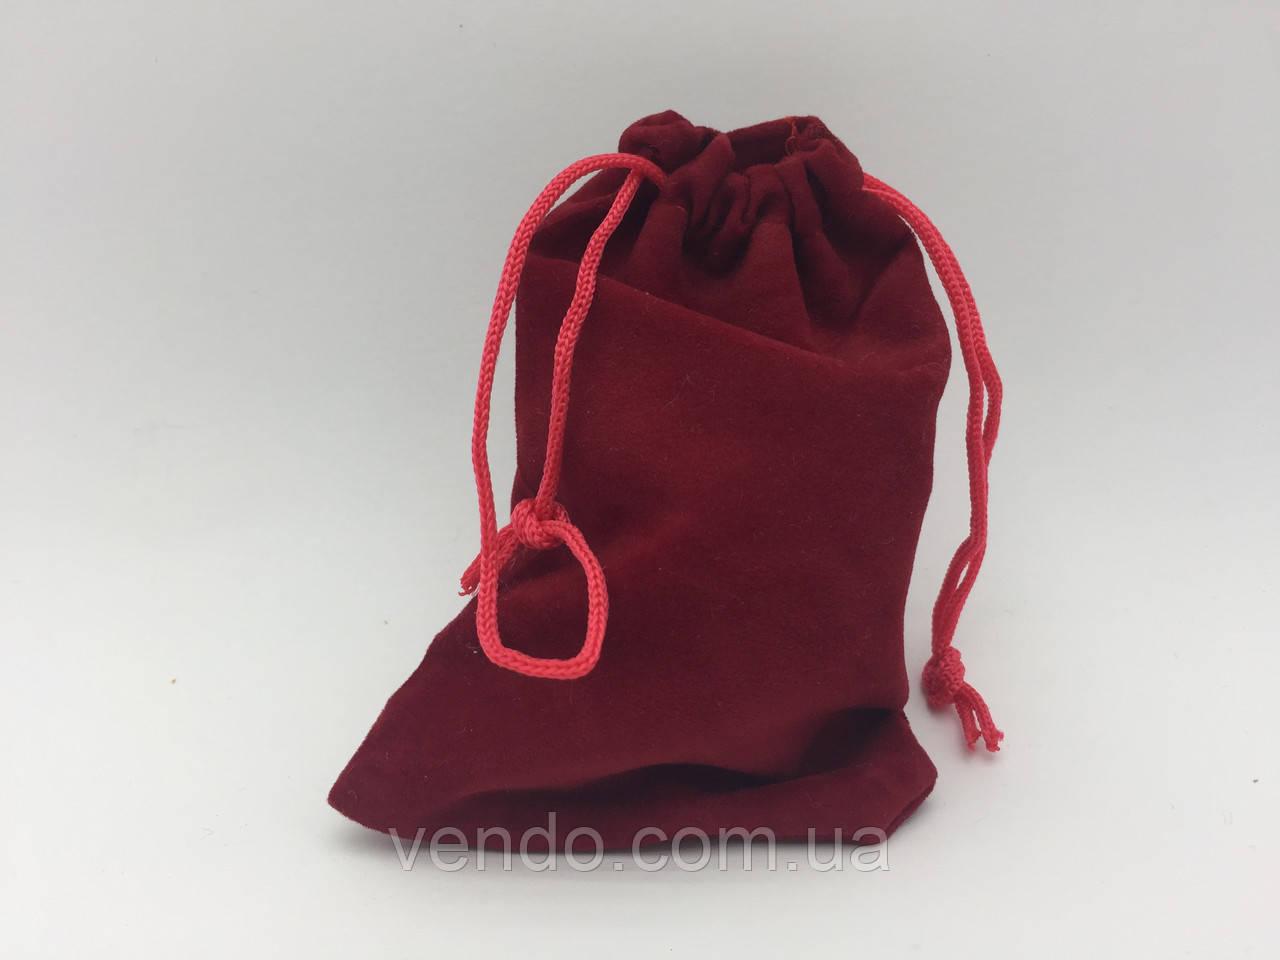 Чехол для рун, мешочек велюровый 11х7 см. Бордовый